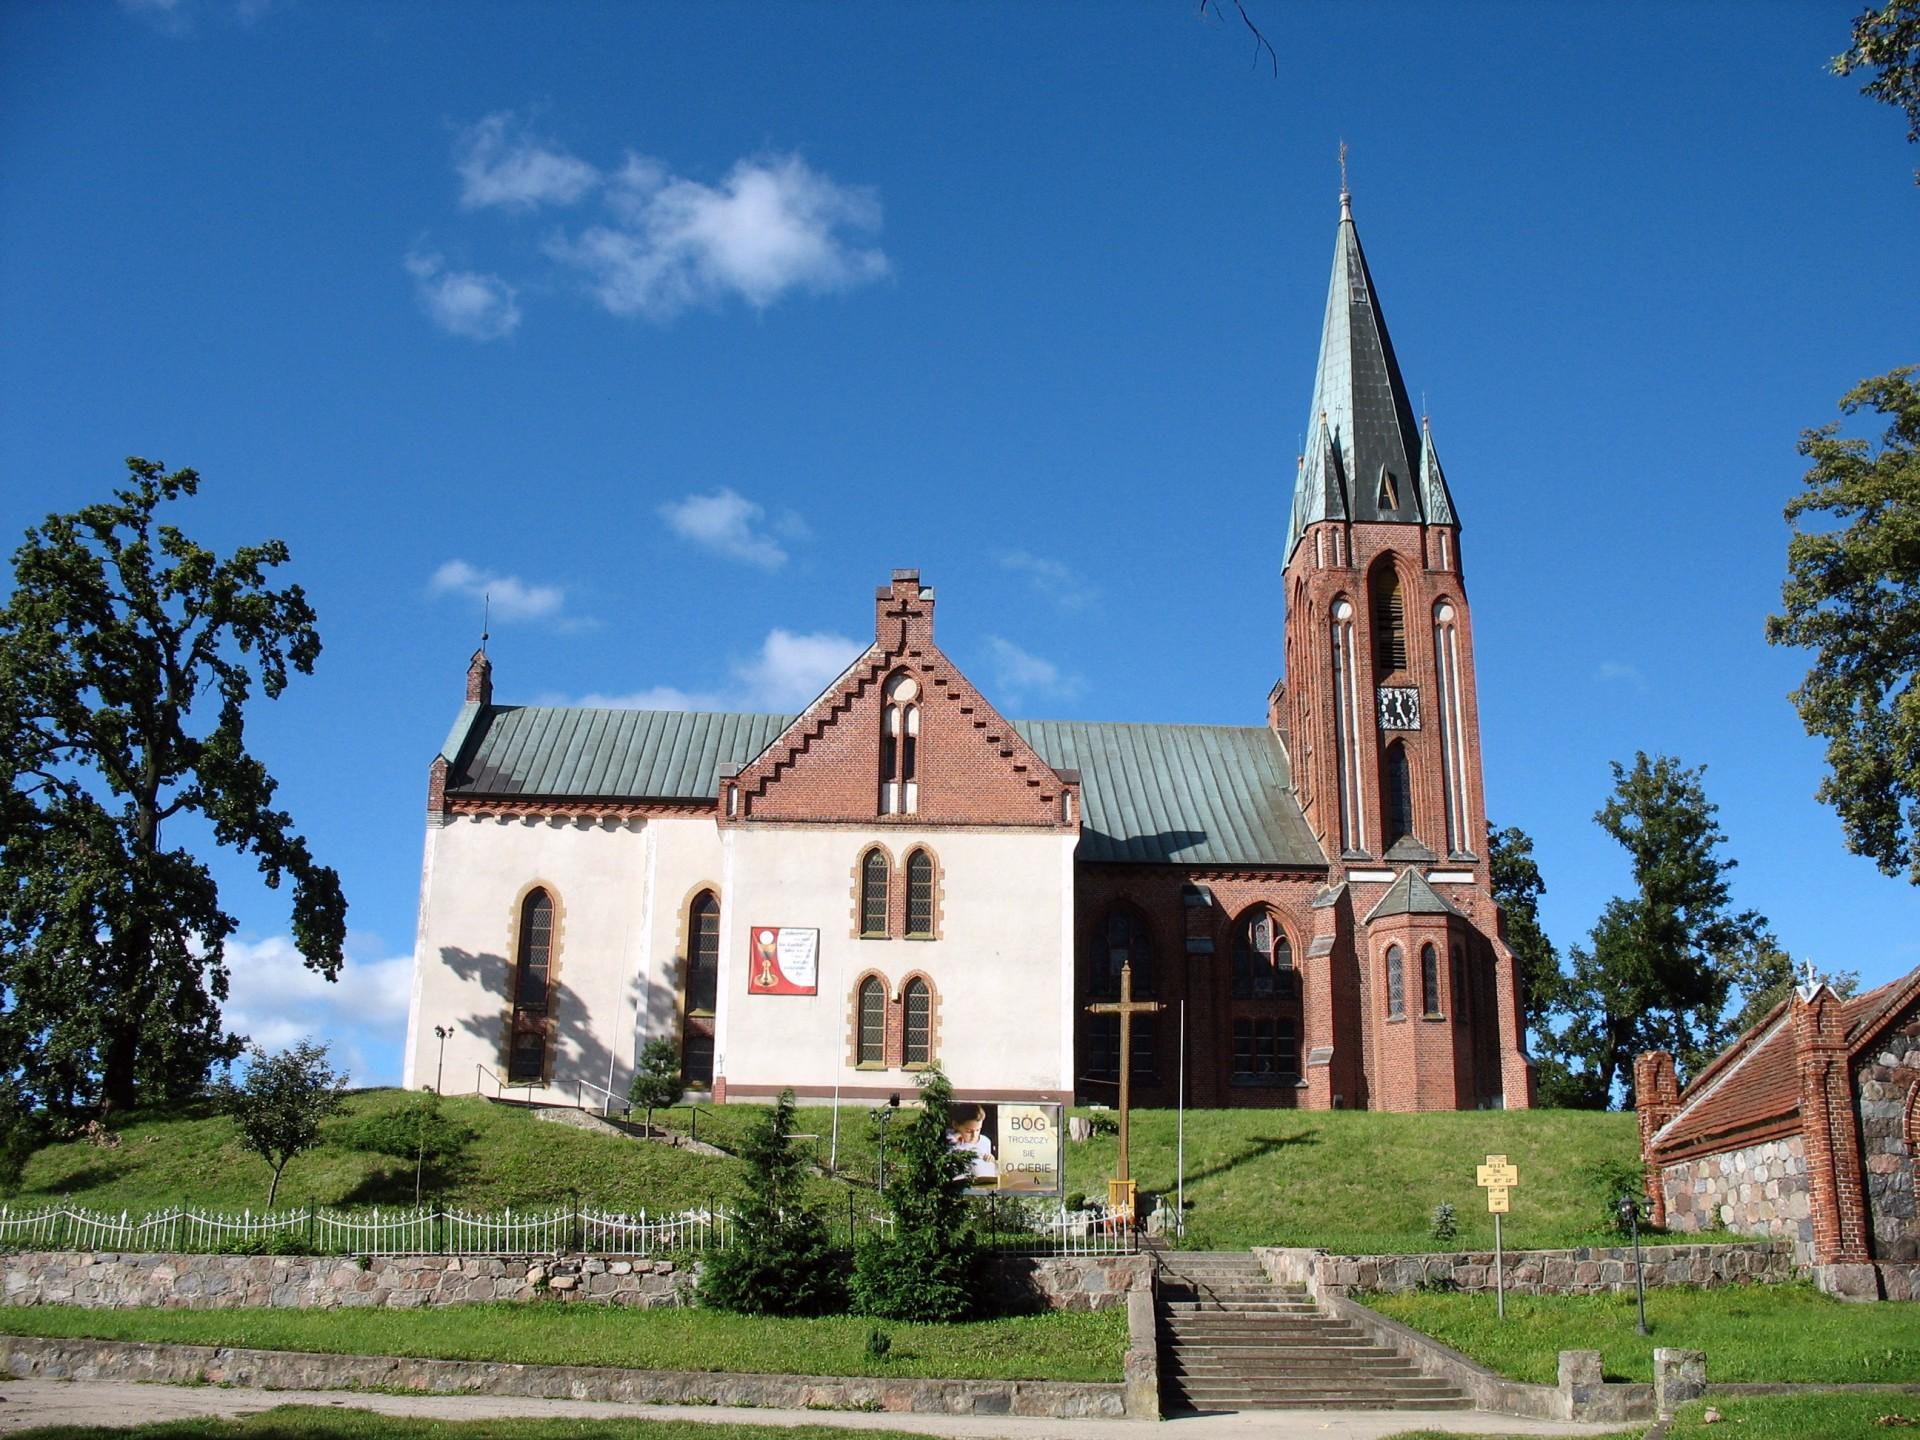 Główczyce. Kościół św. Piotra i Pawła Źródło: Wikipedia.org Autor: Tomasz Górny (Nemo5576)